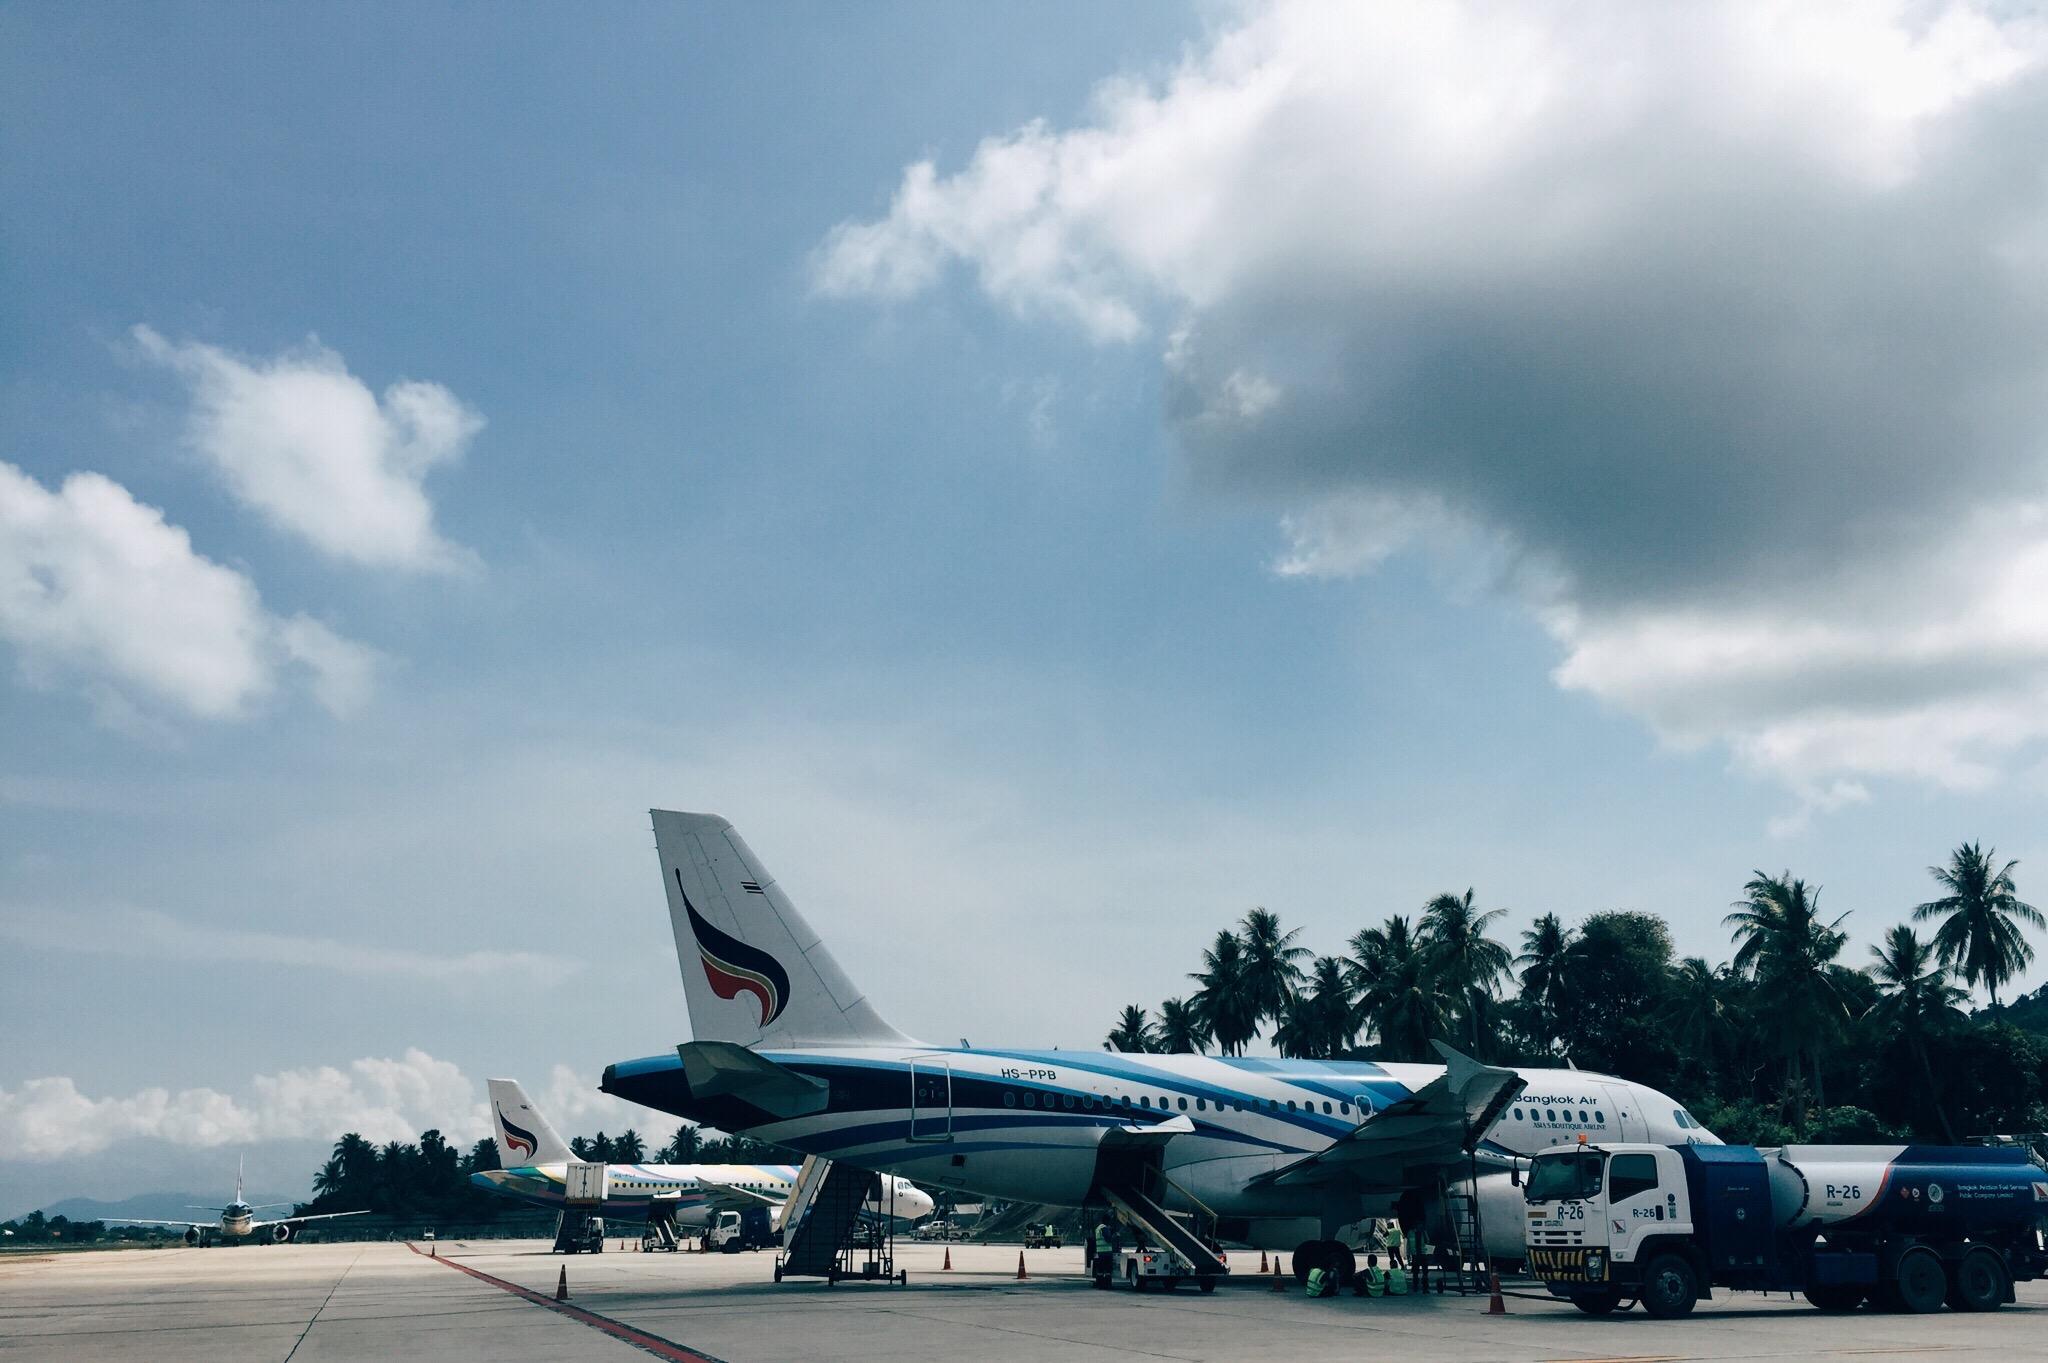 Samui Airport, Thailand